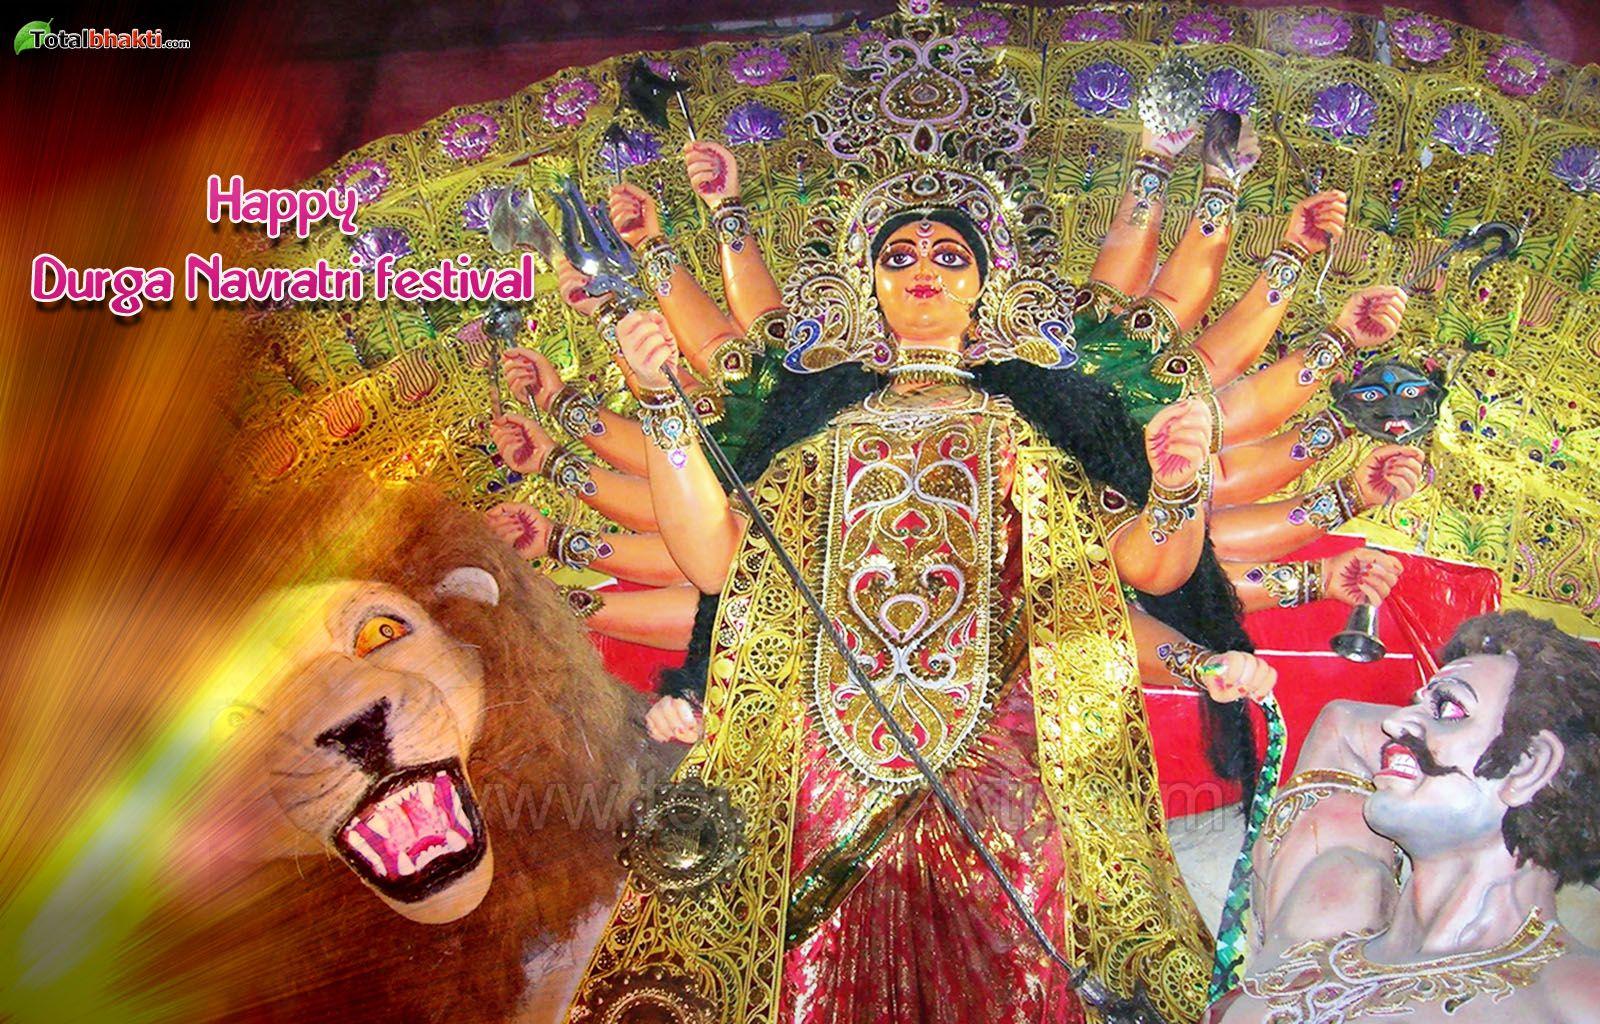 durga wallpaper, Hindu wallpaper, Happy Durga Navratri Wallpaper,, Download wallpaper, Spiritual wallpaper - Totalbhakti Preview